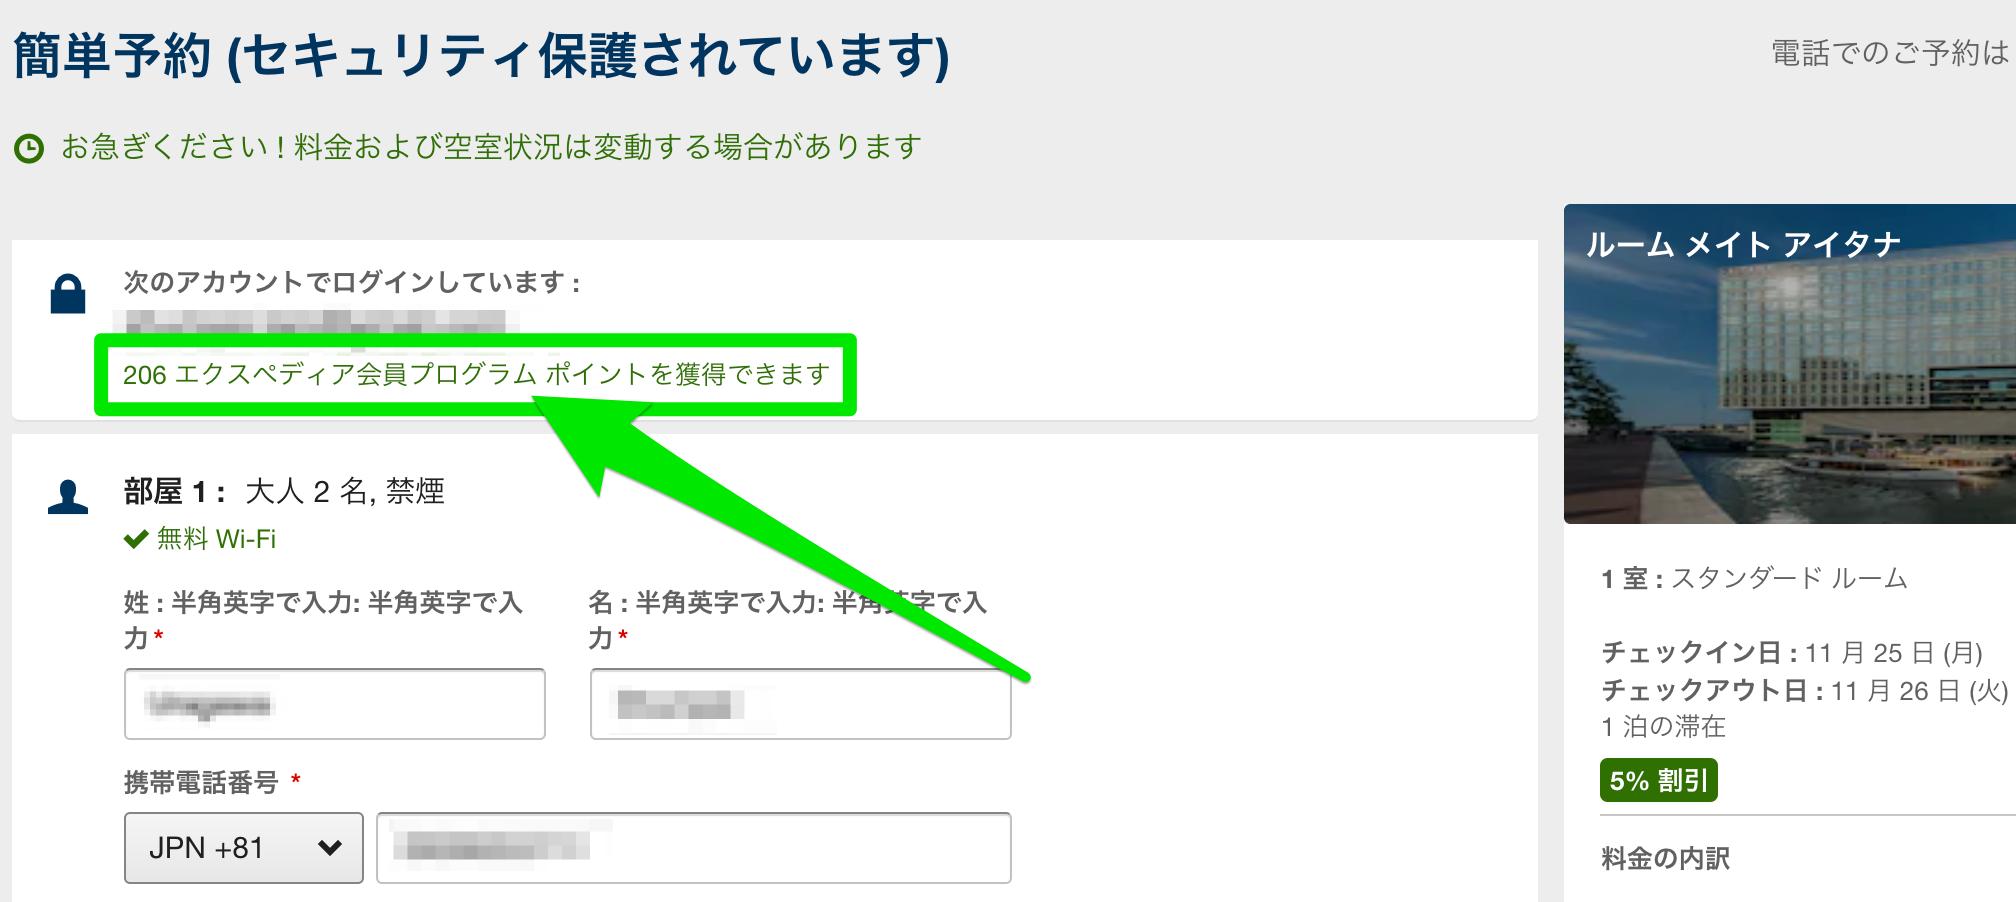 エクスペディア(Expedia)会員プログラムのポイントを貯める方法